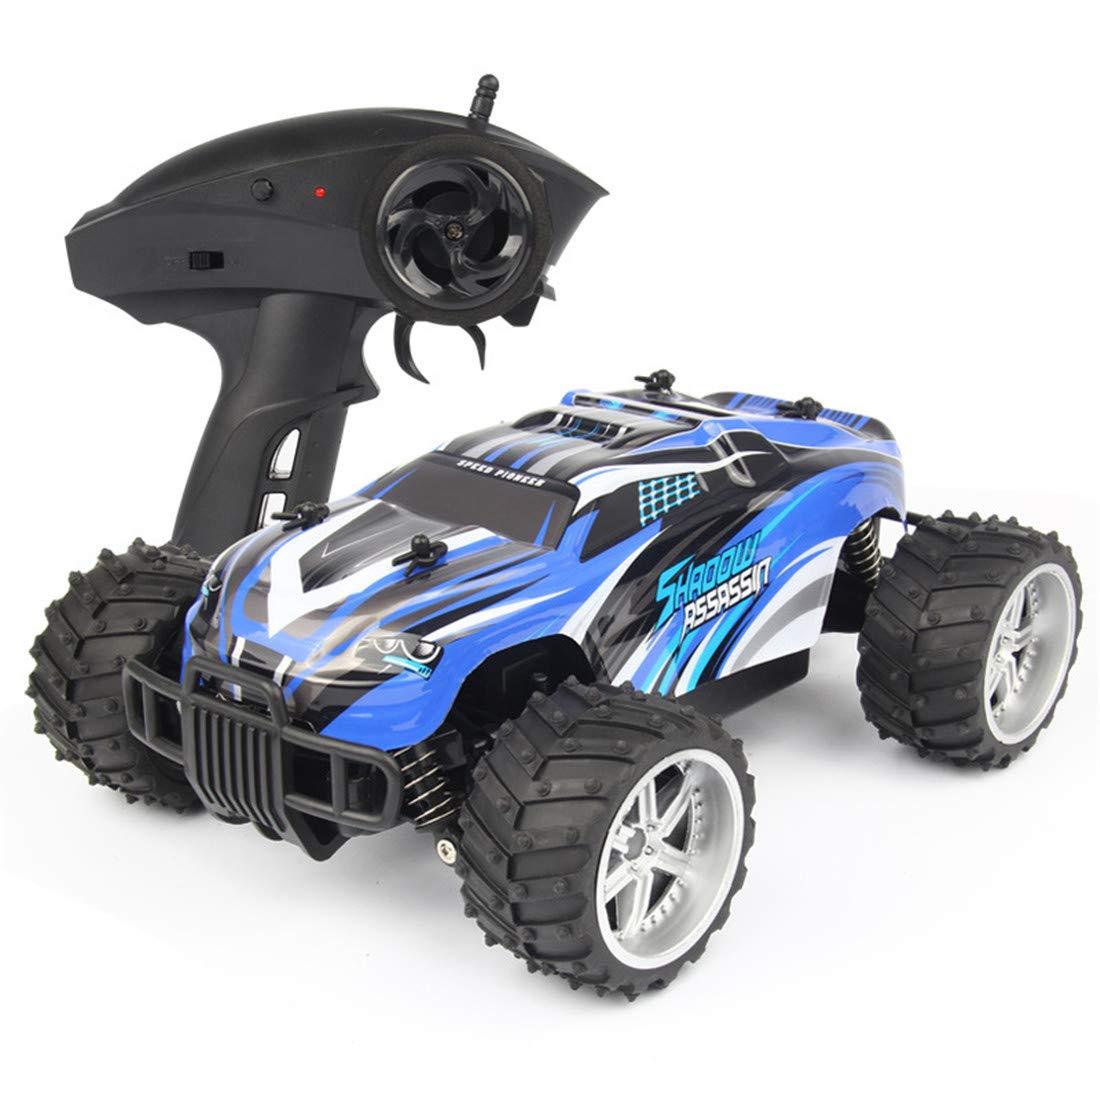 SKY-Toys RC elektrischer Allradantrieb Geschwindigkeitsrennen Aufladungsfernsteuerungsauto 2,4 GHz Fernbedienung 1:16 Kinderspielzeug Modellauto Klettern/Querfeldein,Blau